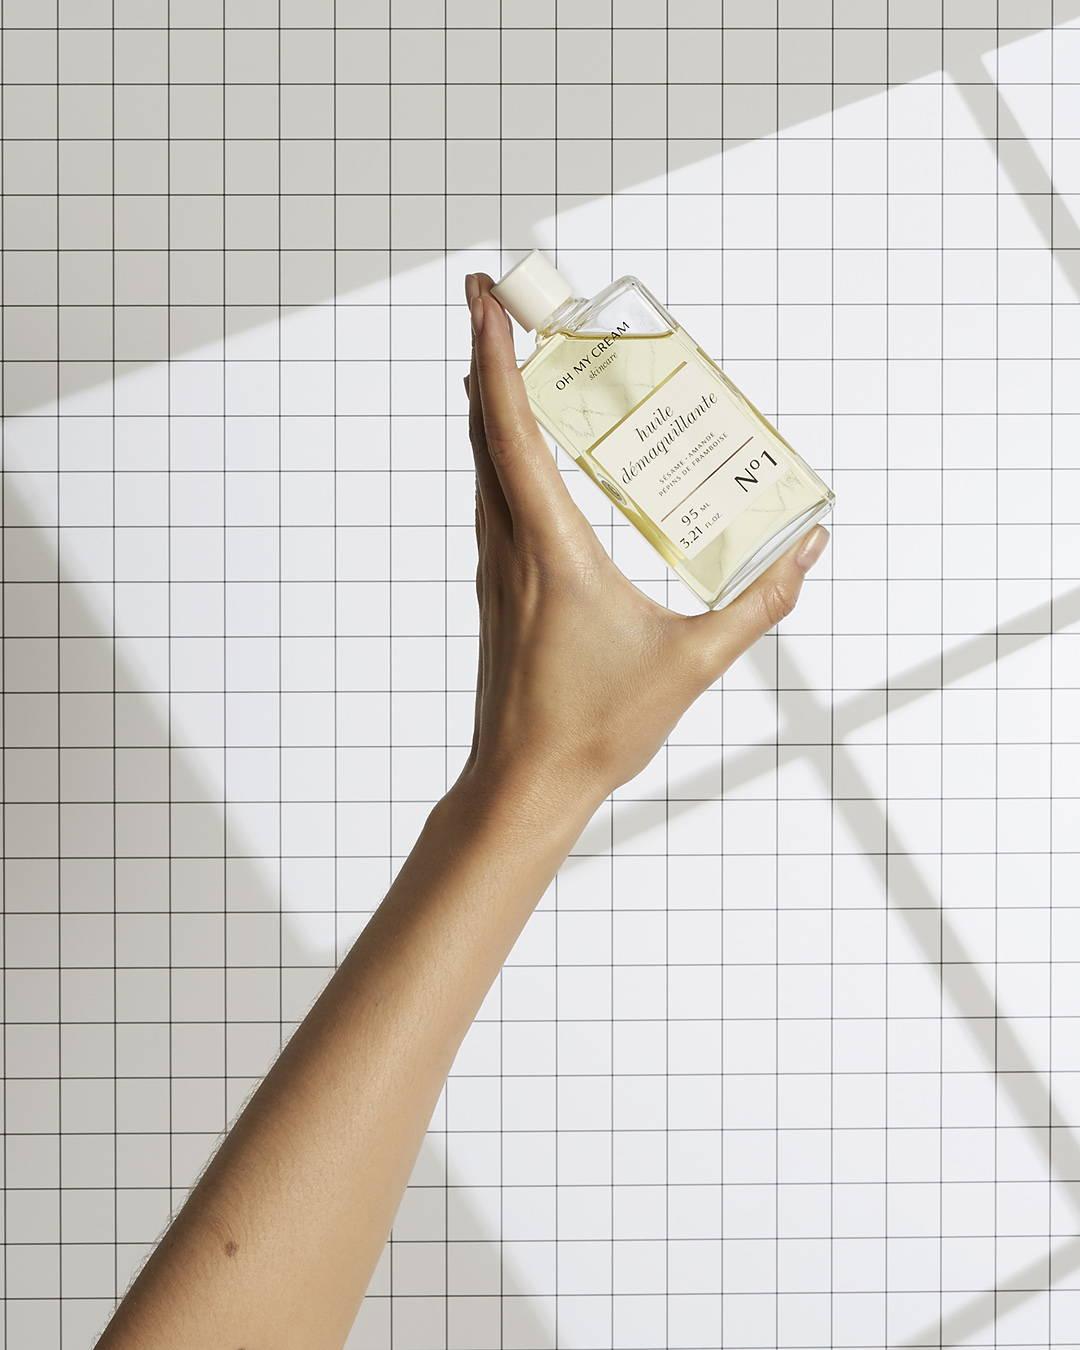 Huile Démaquillante Oh My Cream Skincare pour la première phase du double nettoyage